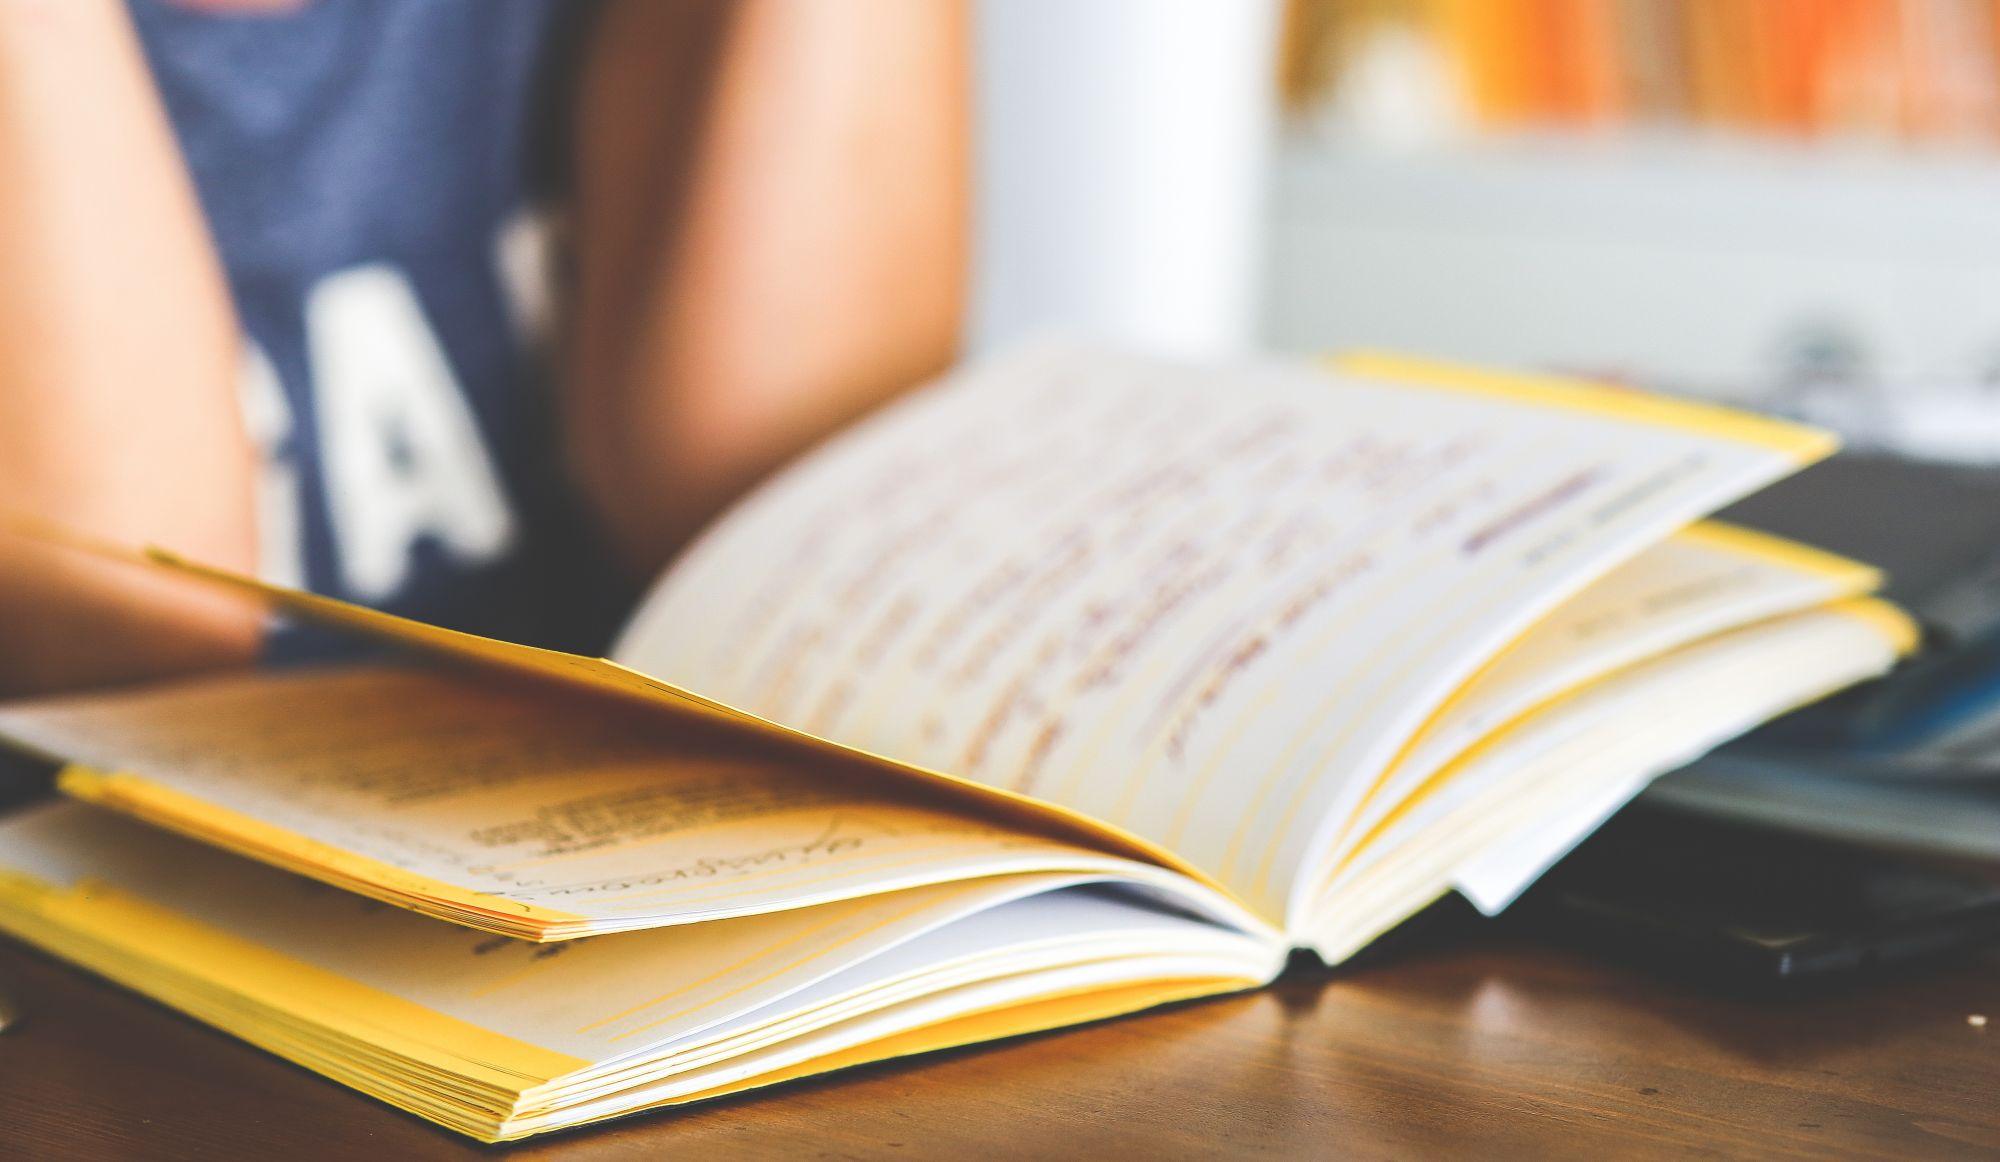 Aide aux devoirs – Favoriser le calme et la concentration